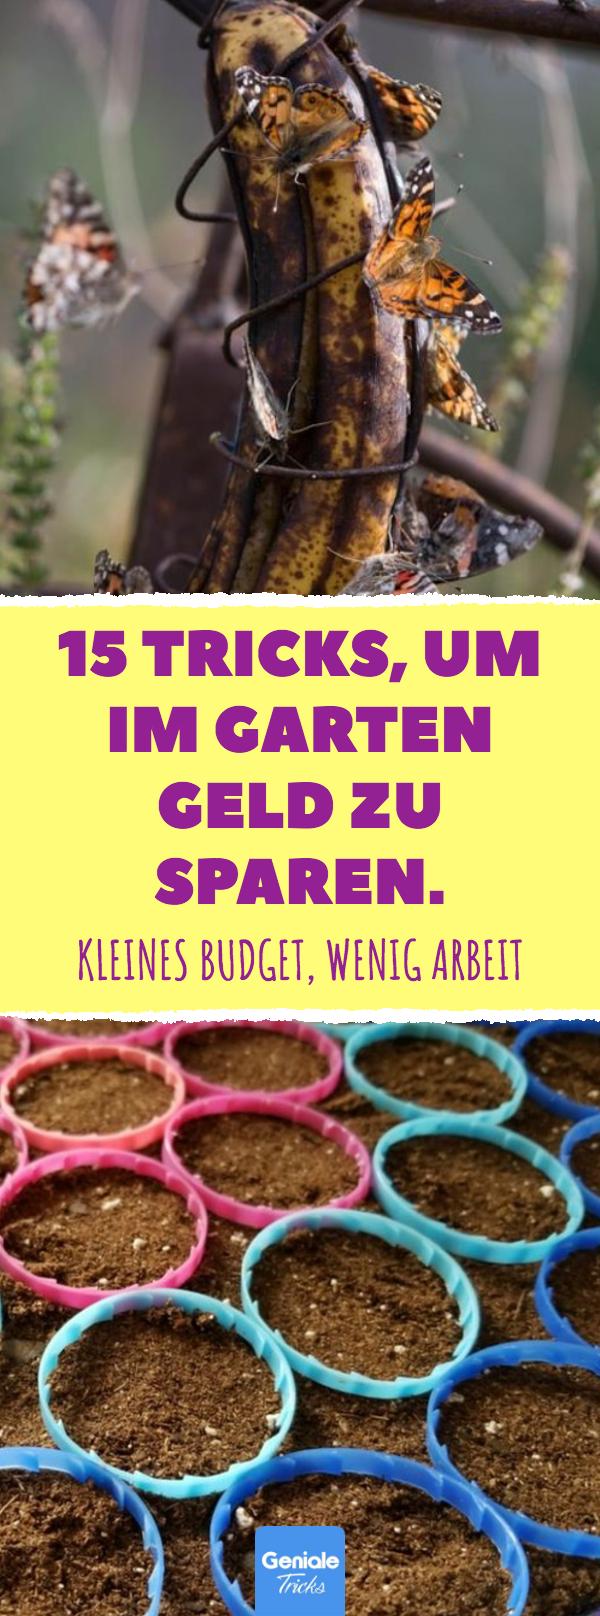 15 Tricks, um im Garten Geld zu sparen. Günstige Garten-Ideen: 15 Tipps, wie man im Garten Geld sparen kann. #Garten #Ideen #günstig #DIY #Nützlinge #Blumenwiese #diyraisedgardenbeds